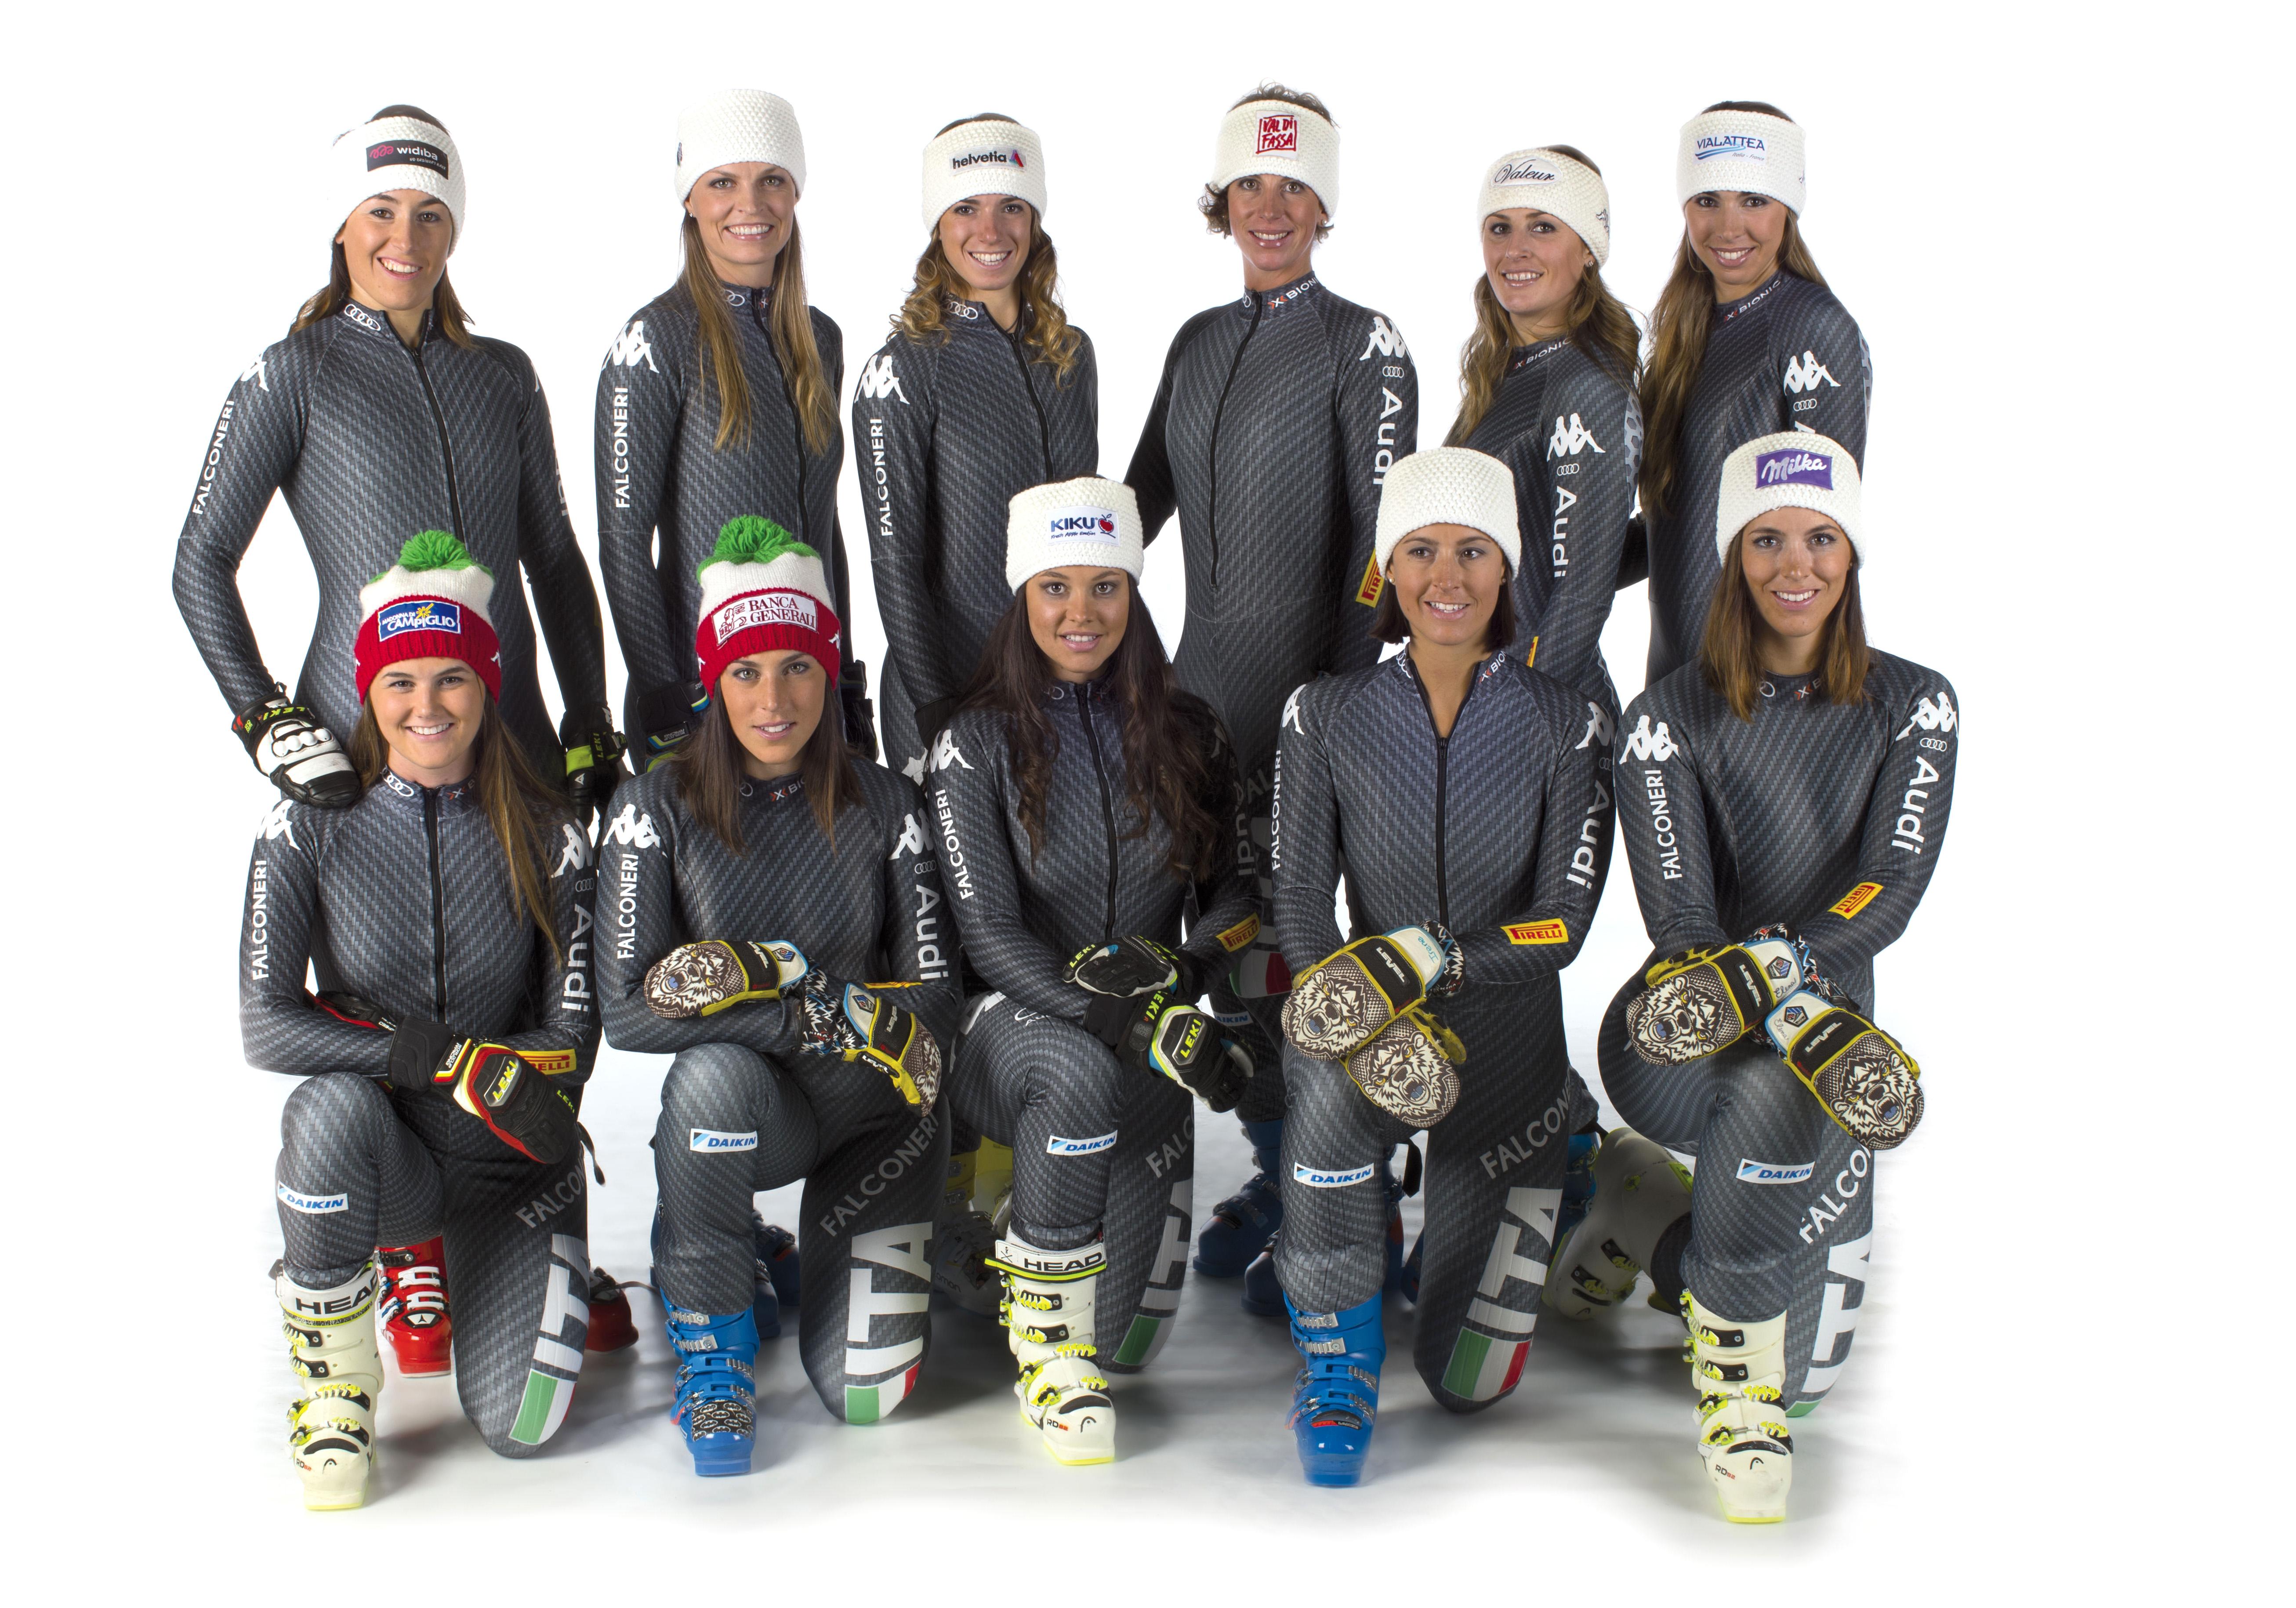 FISI IN TOUR- Photo shooting ufficiale FISI. Squadra femminile sci alpèino sl-gs. Bolzano (Ita) , 15-10-2016 foto (Alessandro Trovati- Pentaphoto/Mateimage)